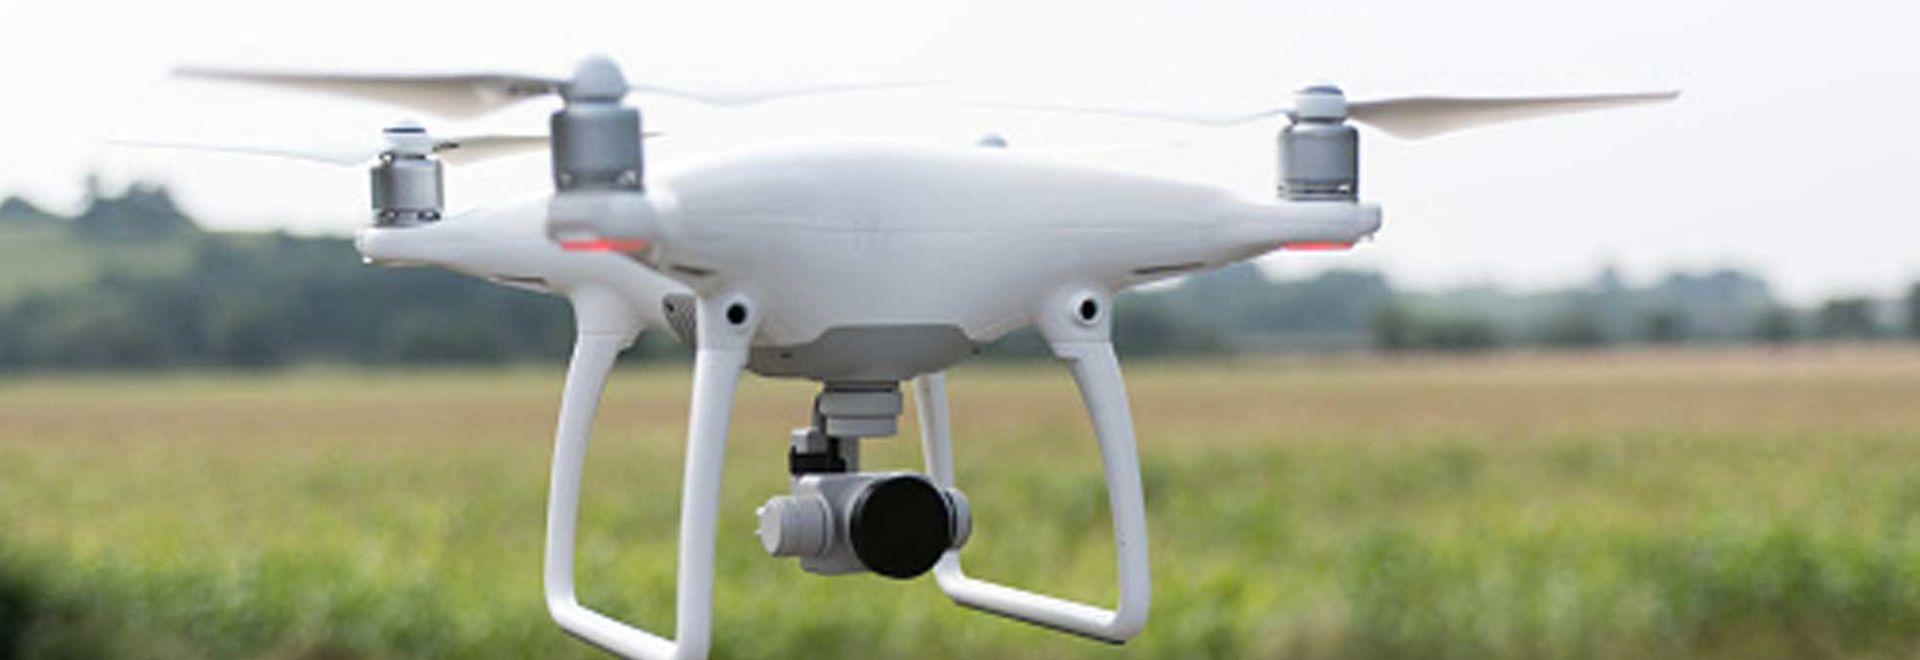 Asuransi pemilik rumah mungkin mencakup kerusakan drone.